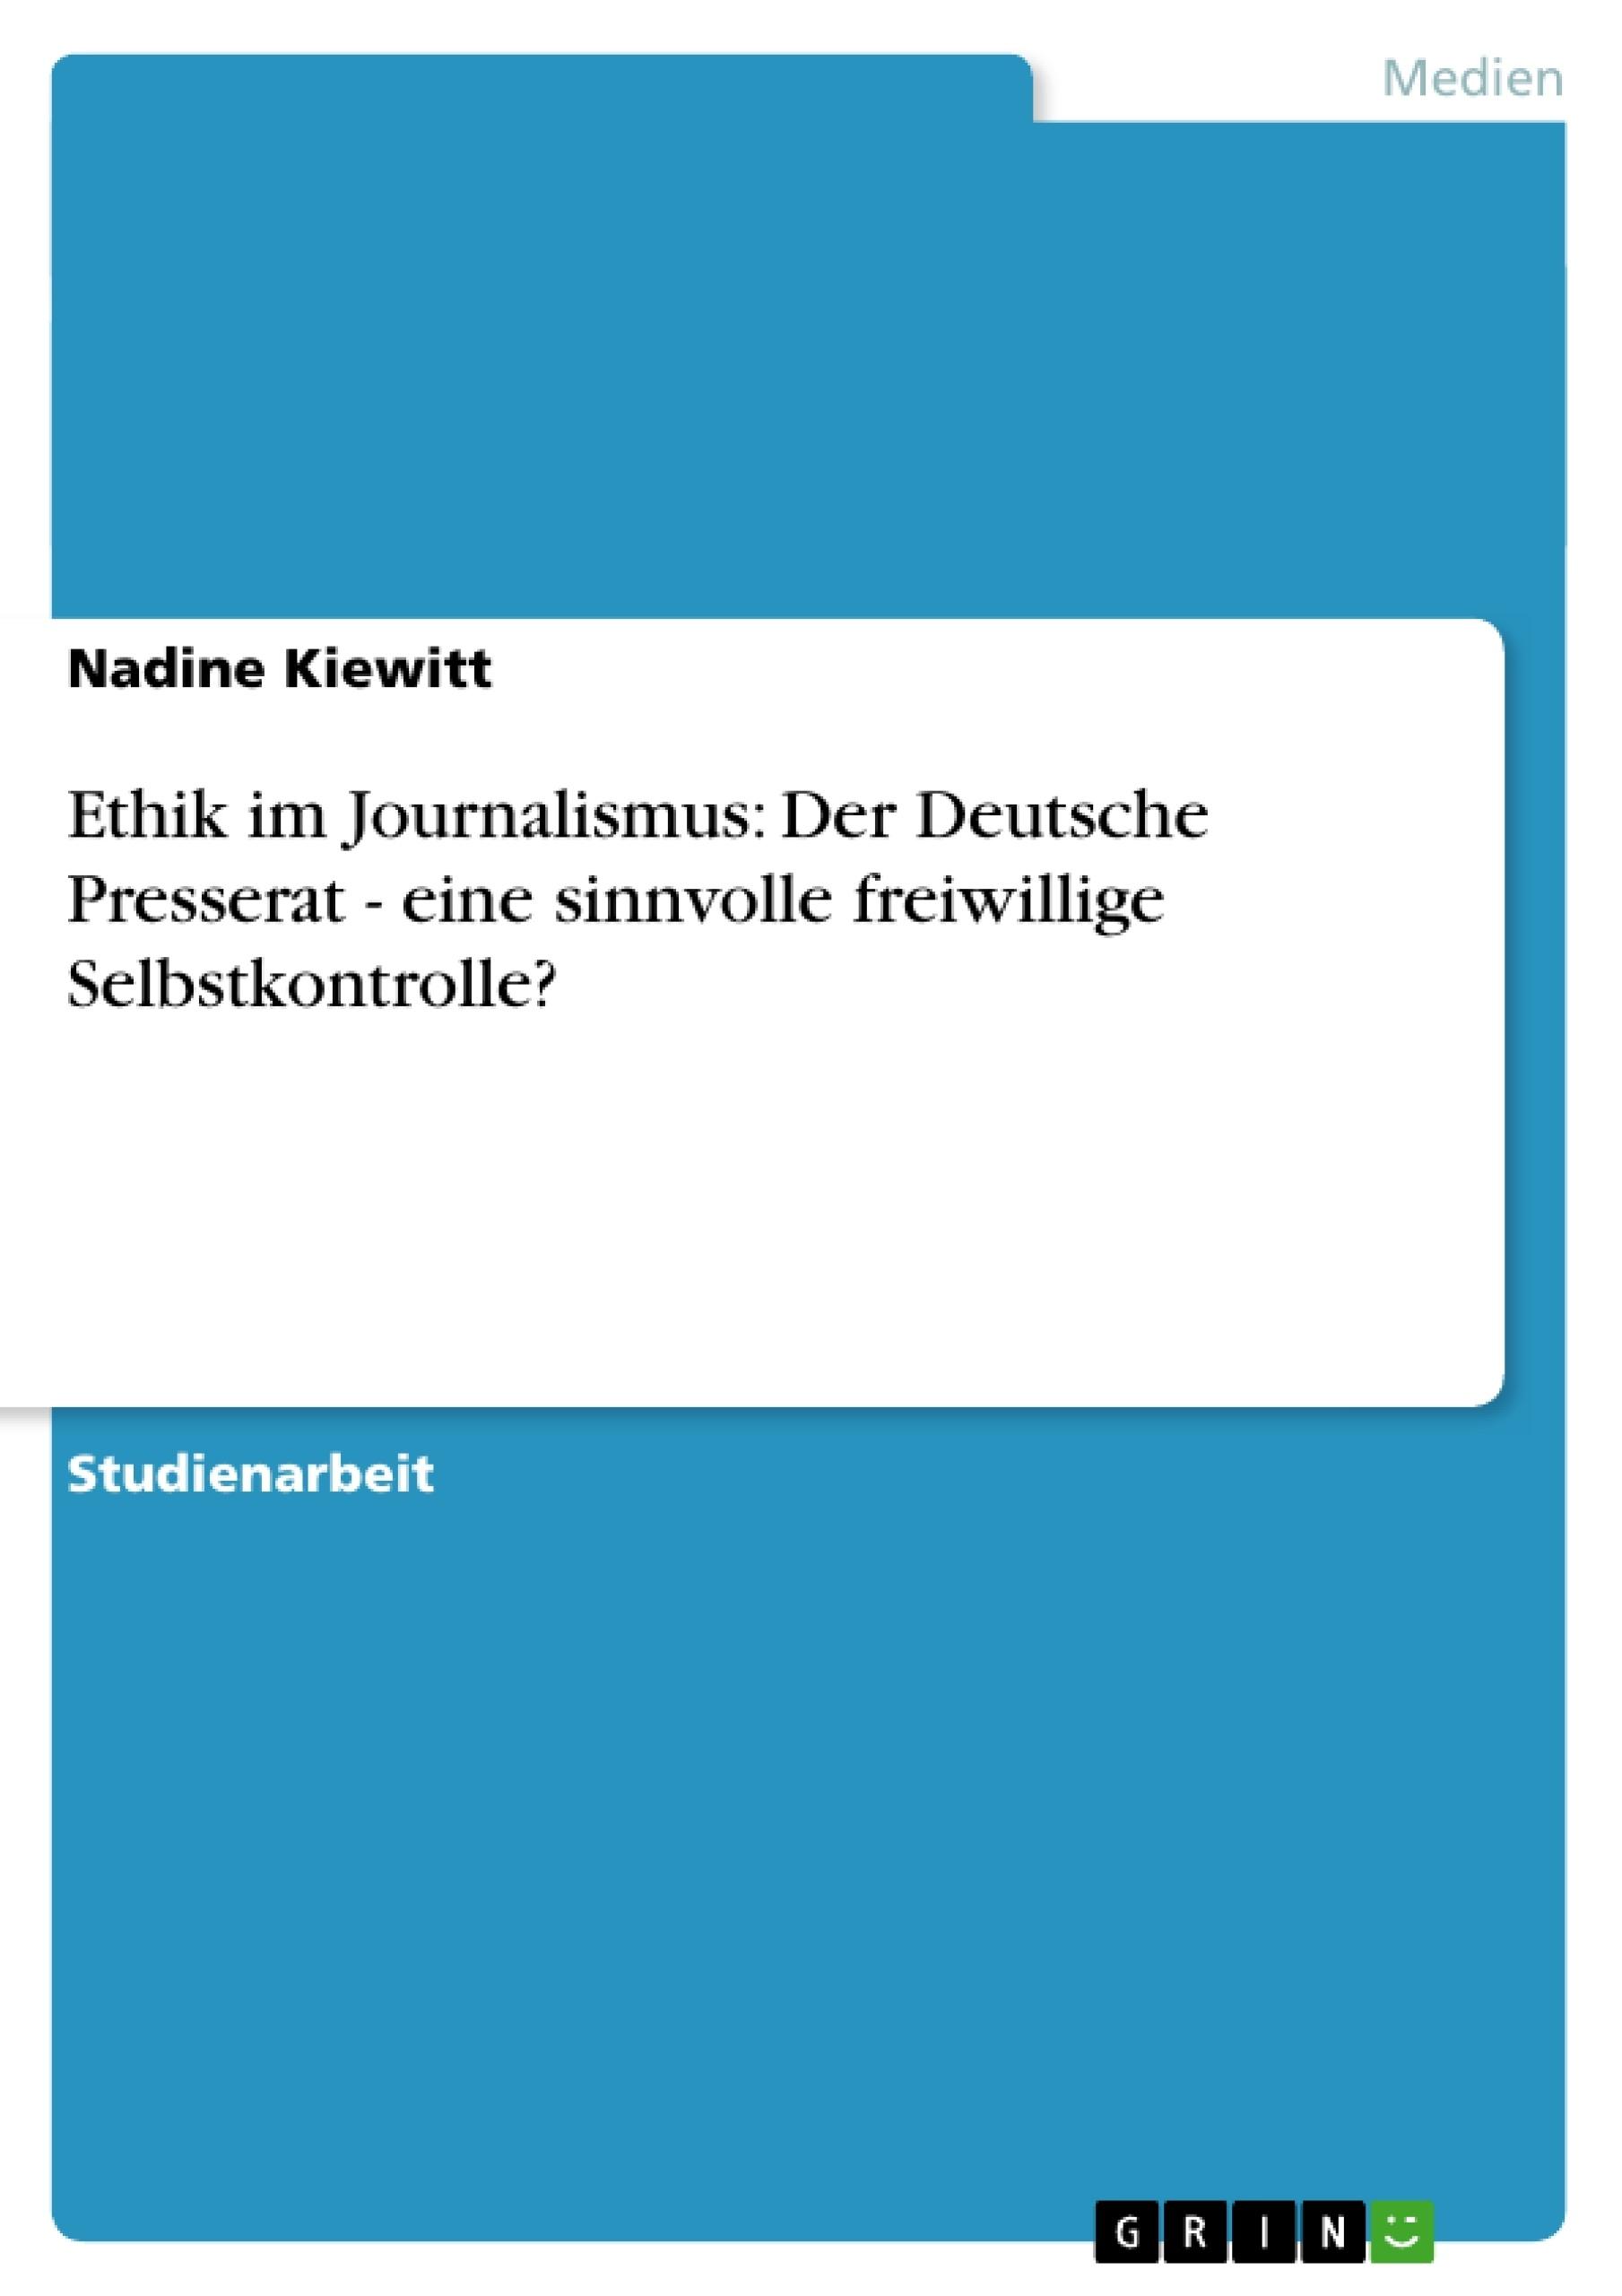 Titel: Ethik im Journalismus: Der Deutsche Presserat - eine sinnvolle freiwillige Selbstkontrolle?